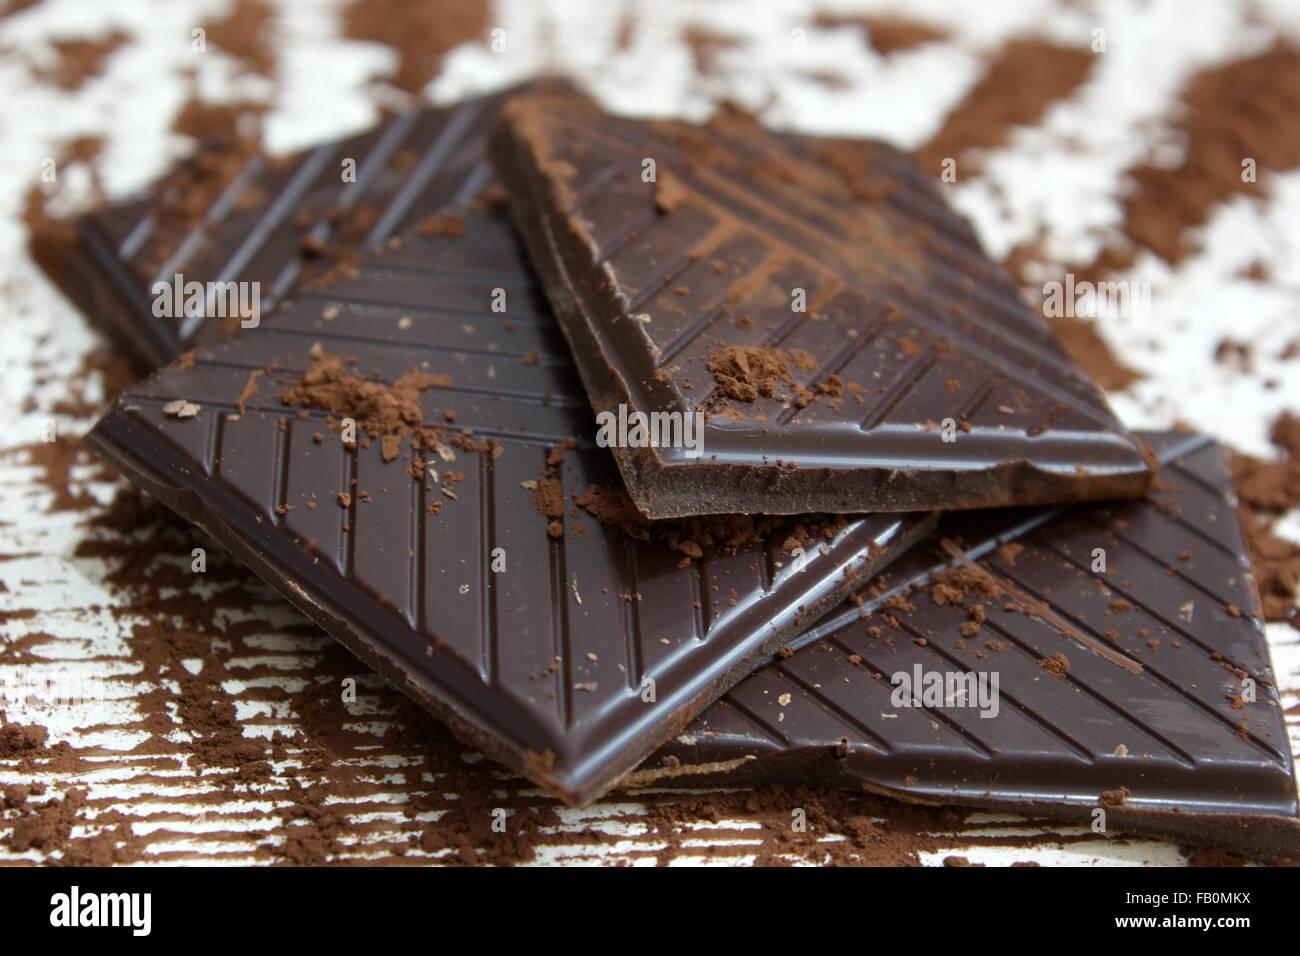 Pezzi di cioccolato fondente con cioccolato in polvere Immagini Stock